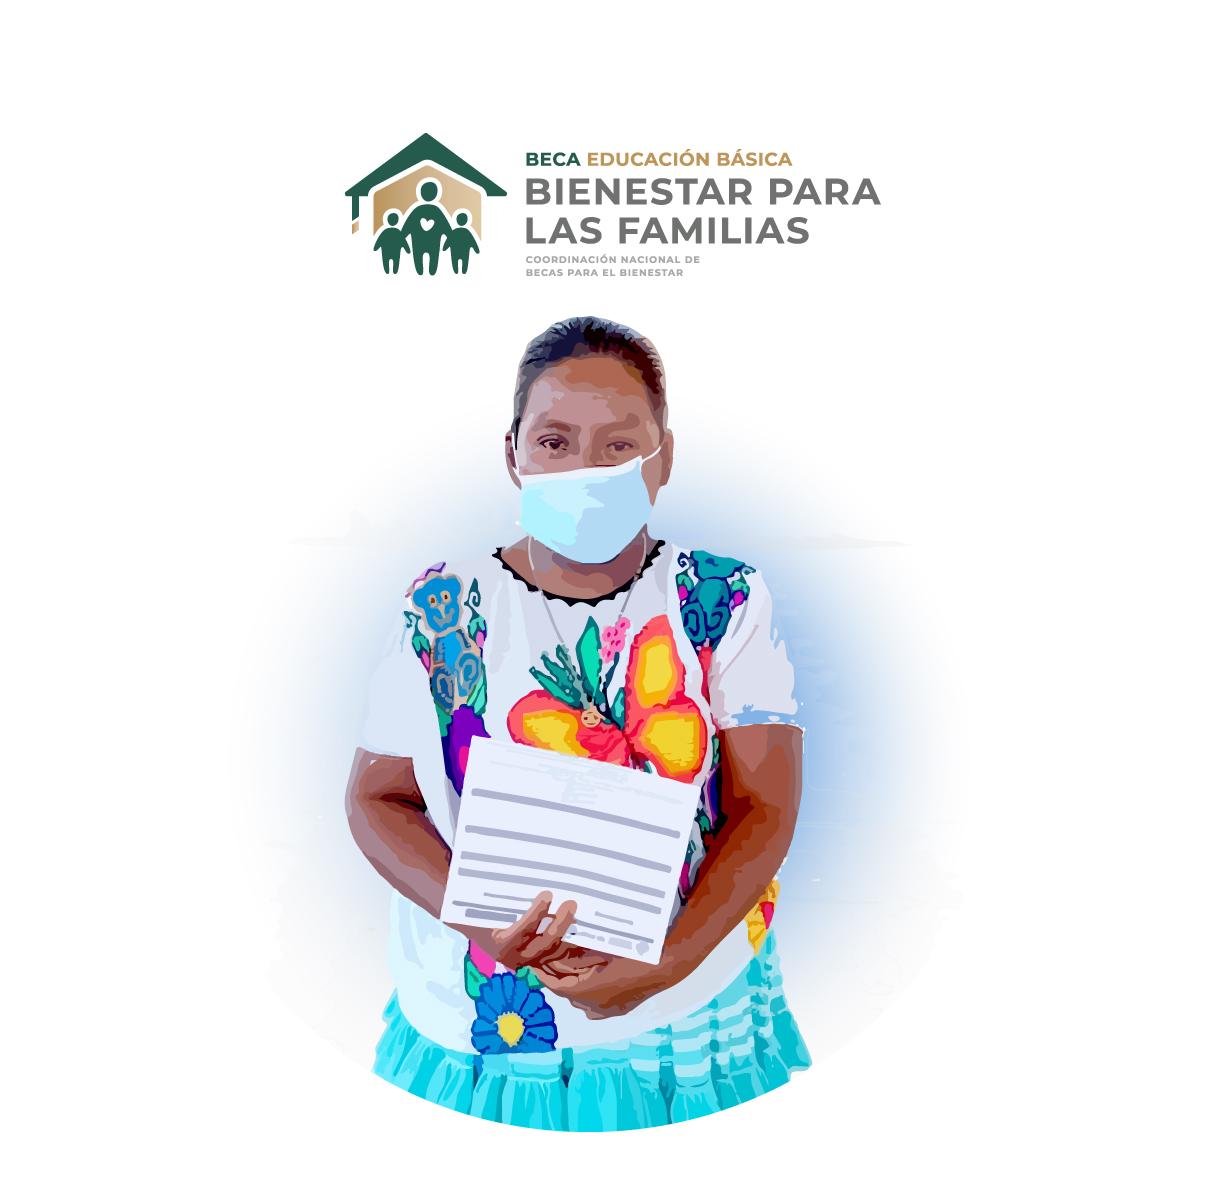 Aquí puedes encontrar más información sobre el Programa de Becas de Educación Básica